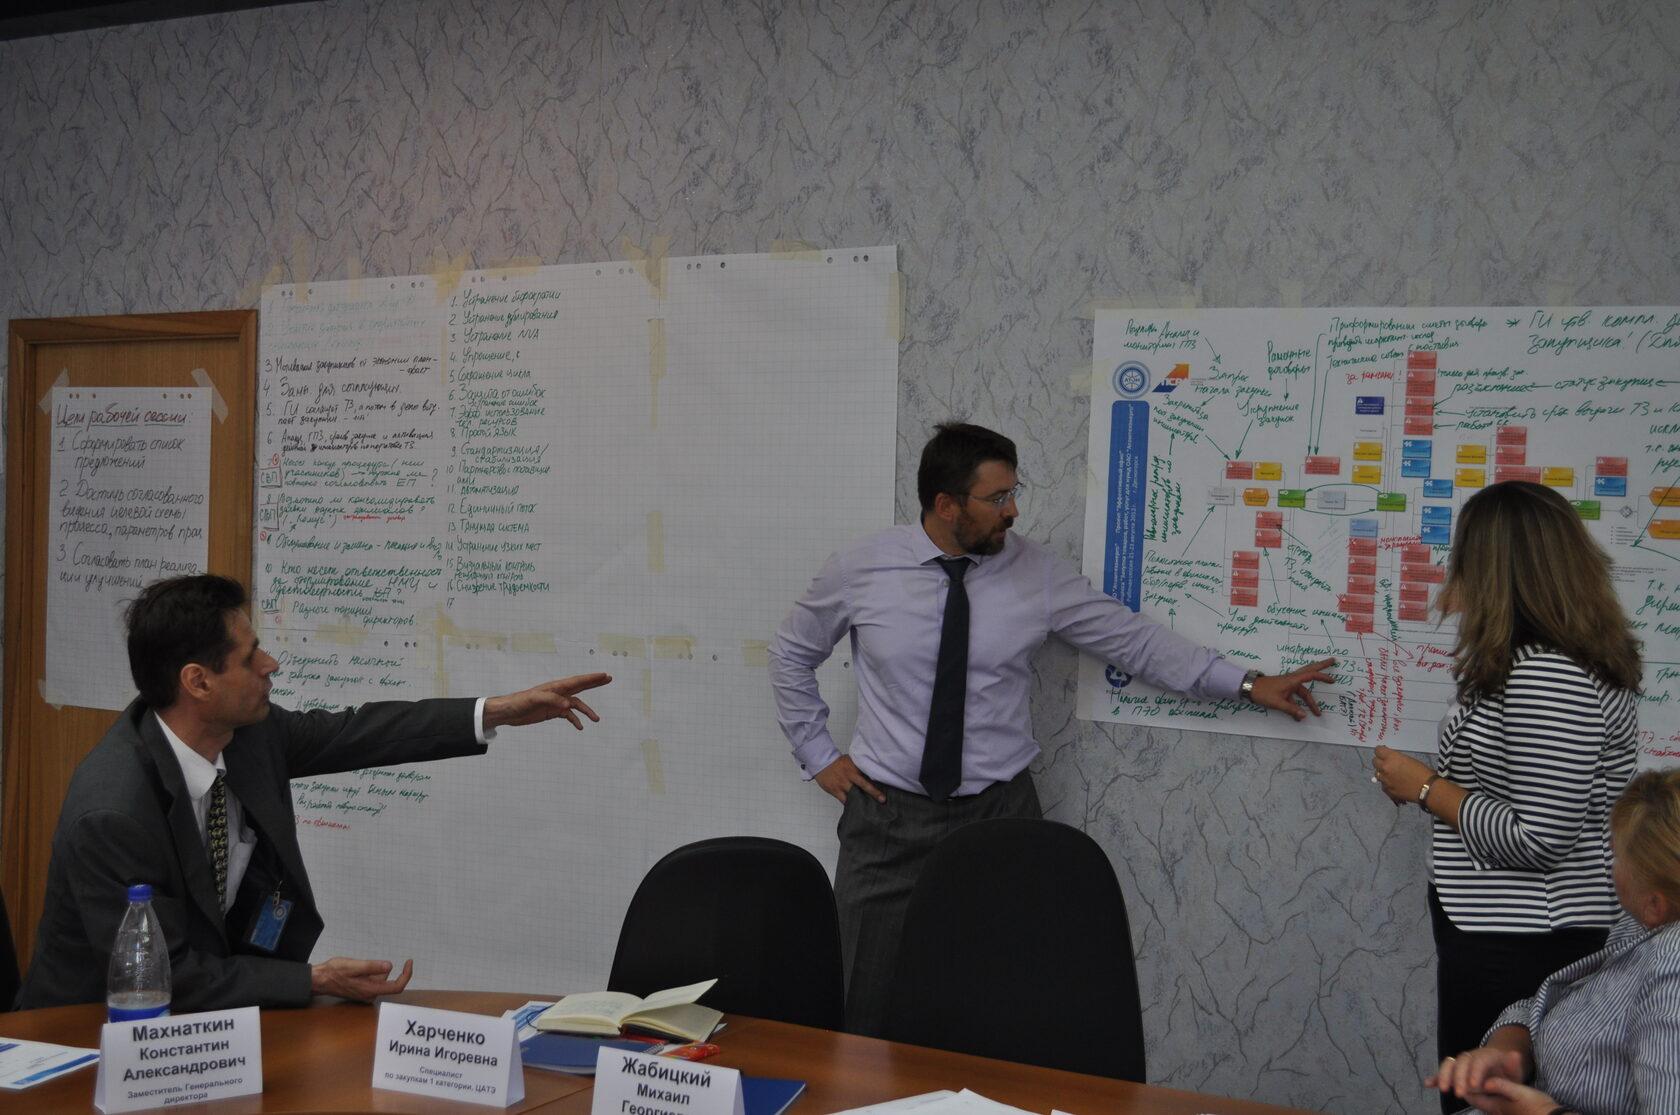 Рабочая сессия по улучшению процесса закупок в компании «Атомтехэнерго»